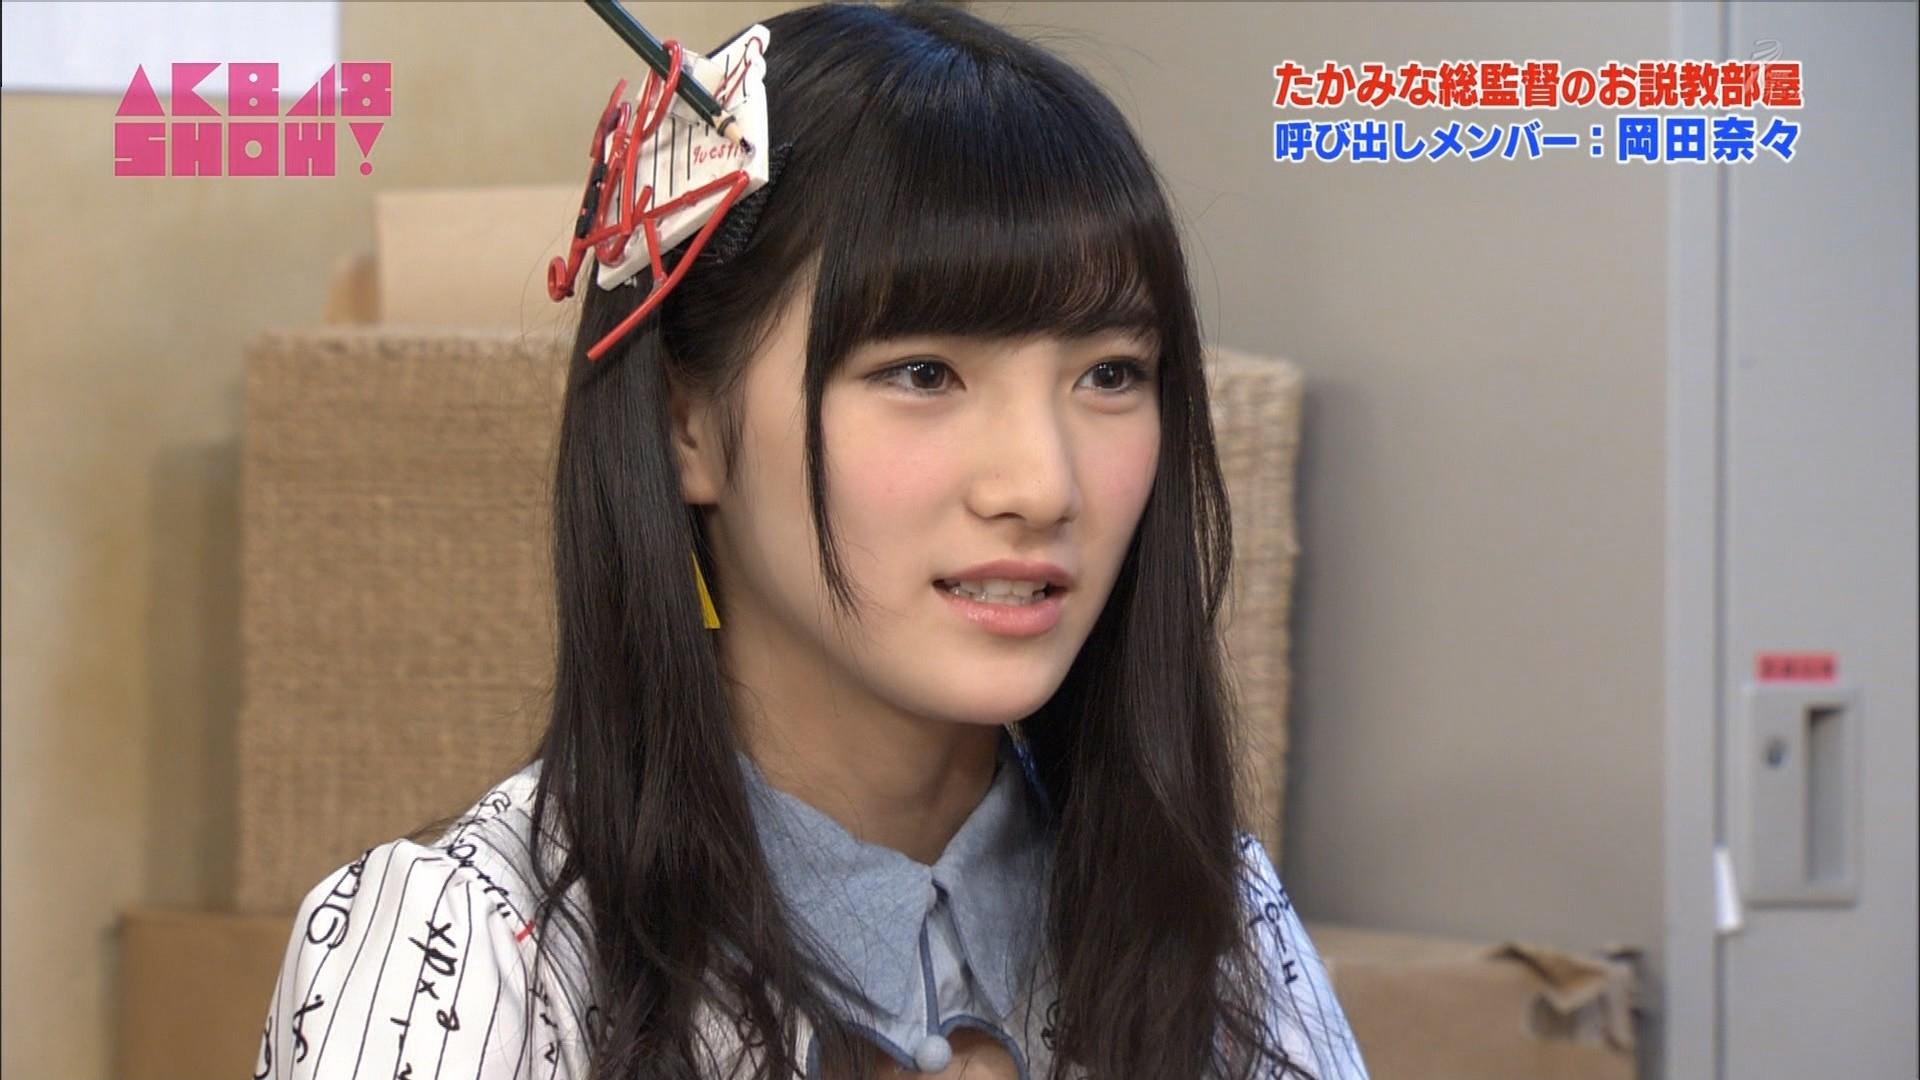 飯岡かなこ 【AKB48 SHOW!】たかみな総監督のお説教部屋、岡田奈々が総監督候補?【高橋みなみ】